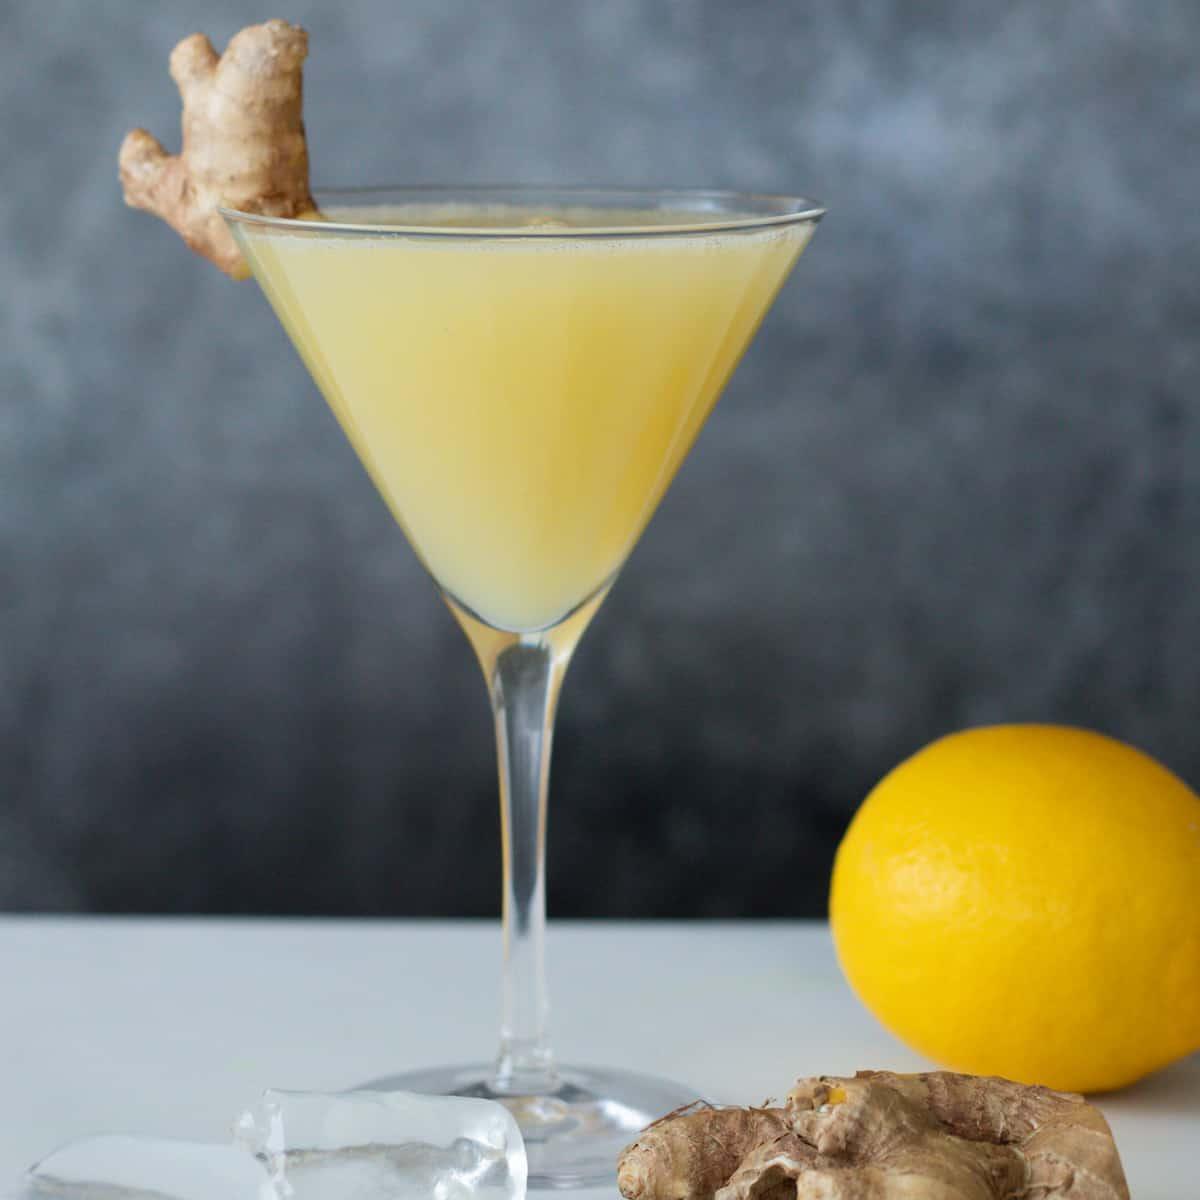 lemon ginger mocktail in a martini glass